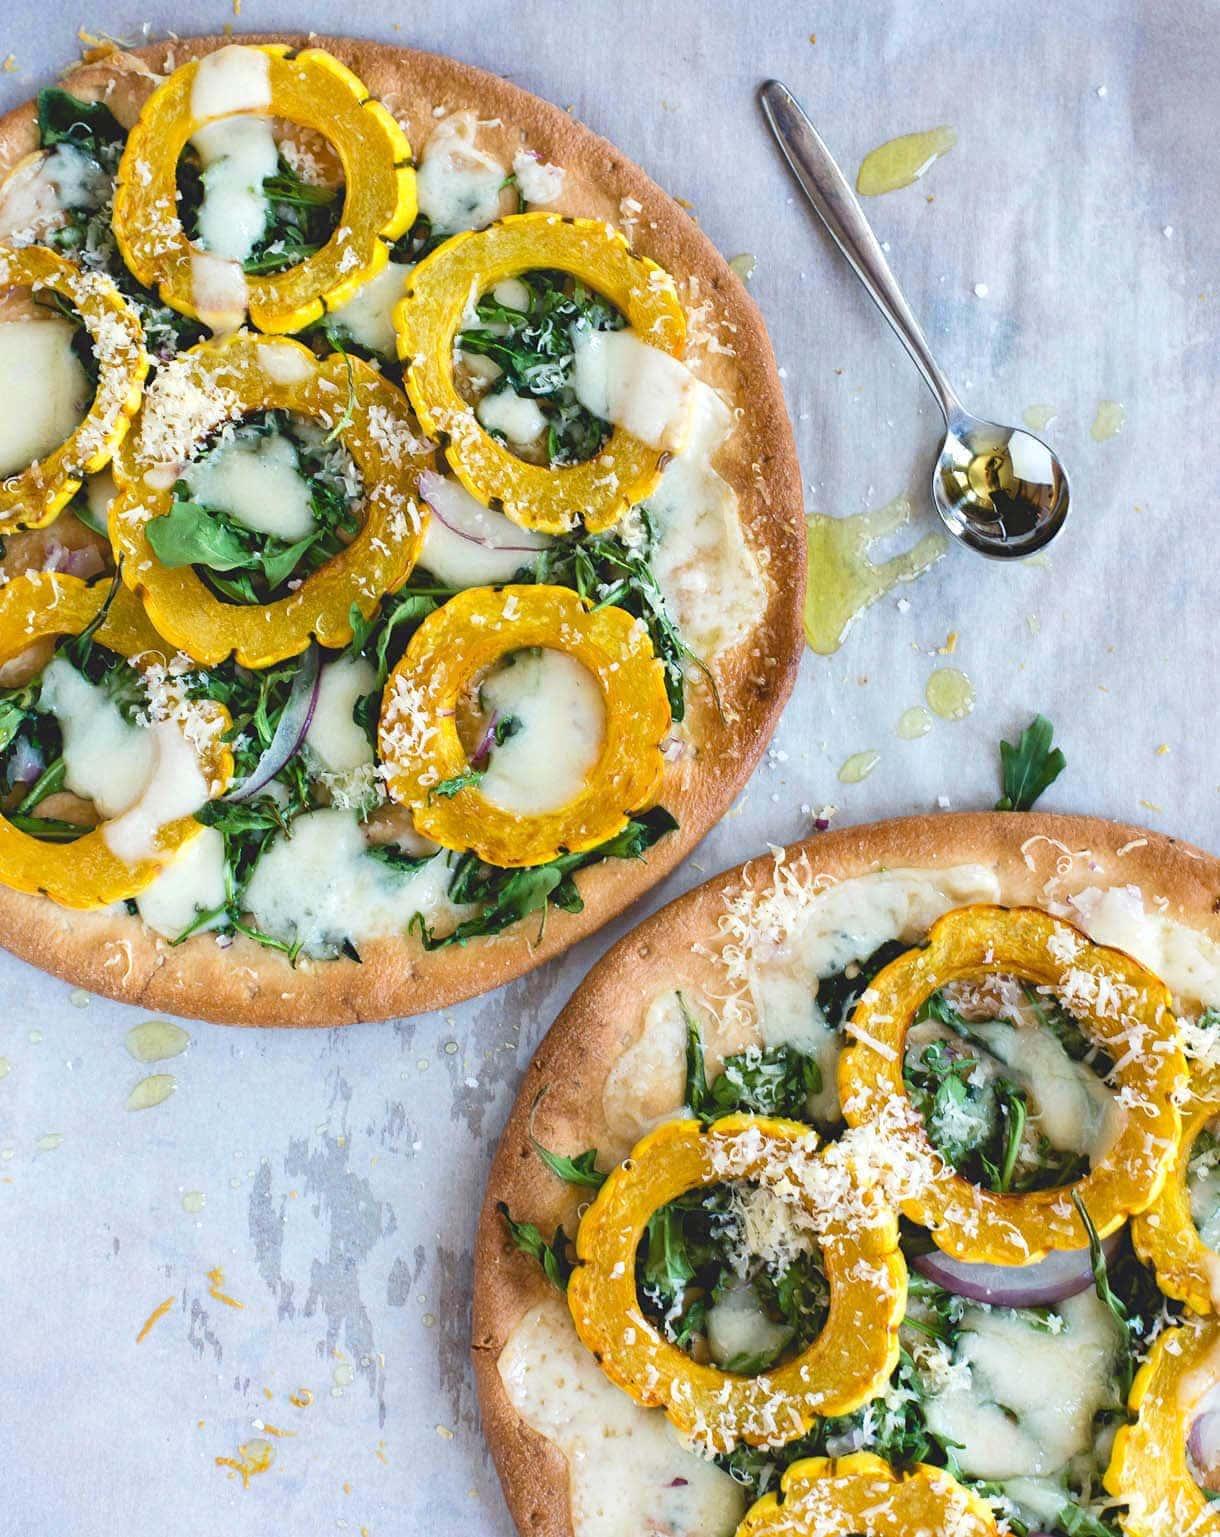 Winter White Pizza with Delicata Squash & Gouda